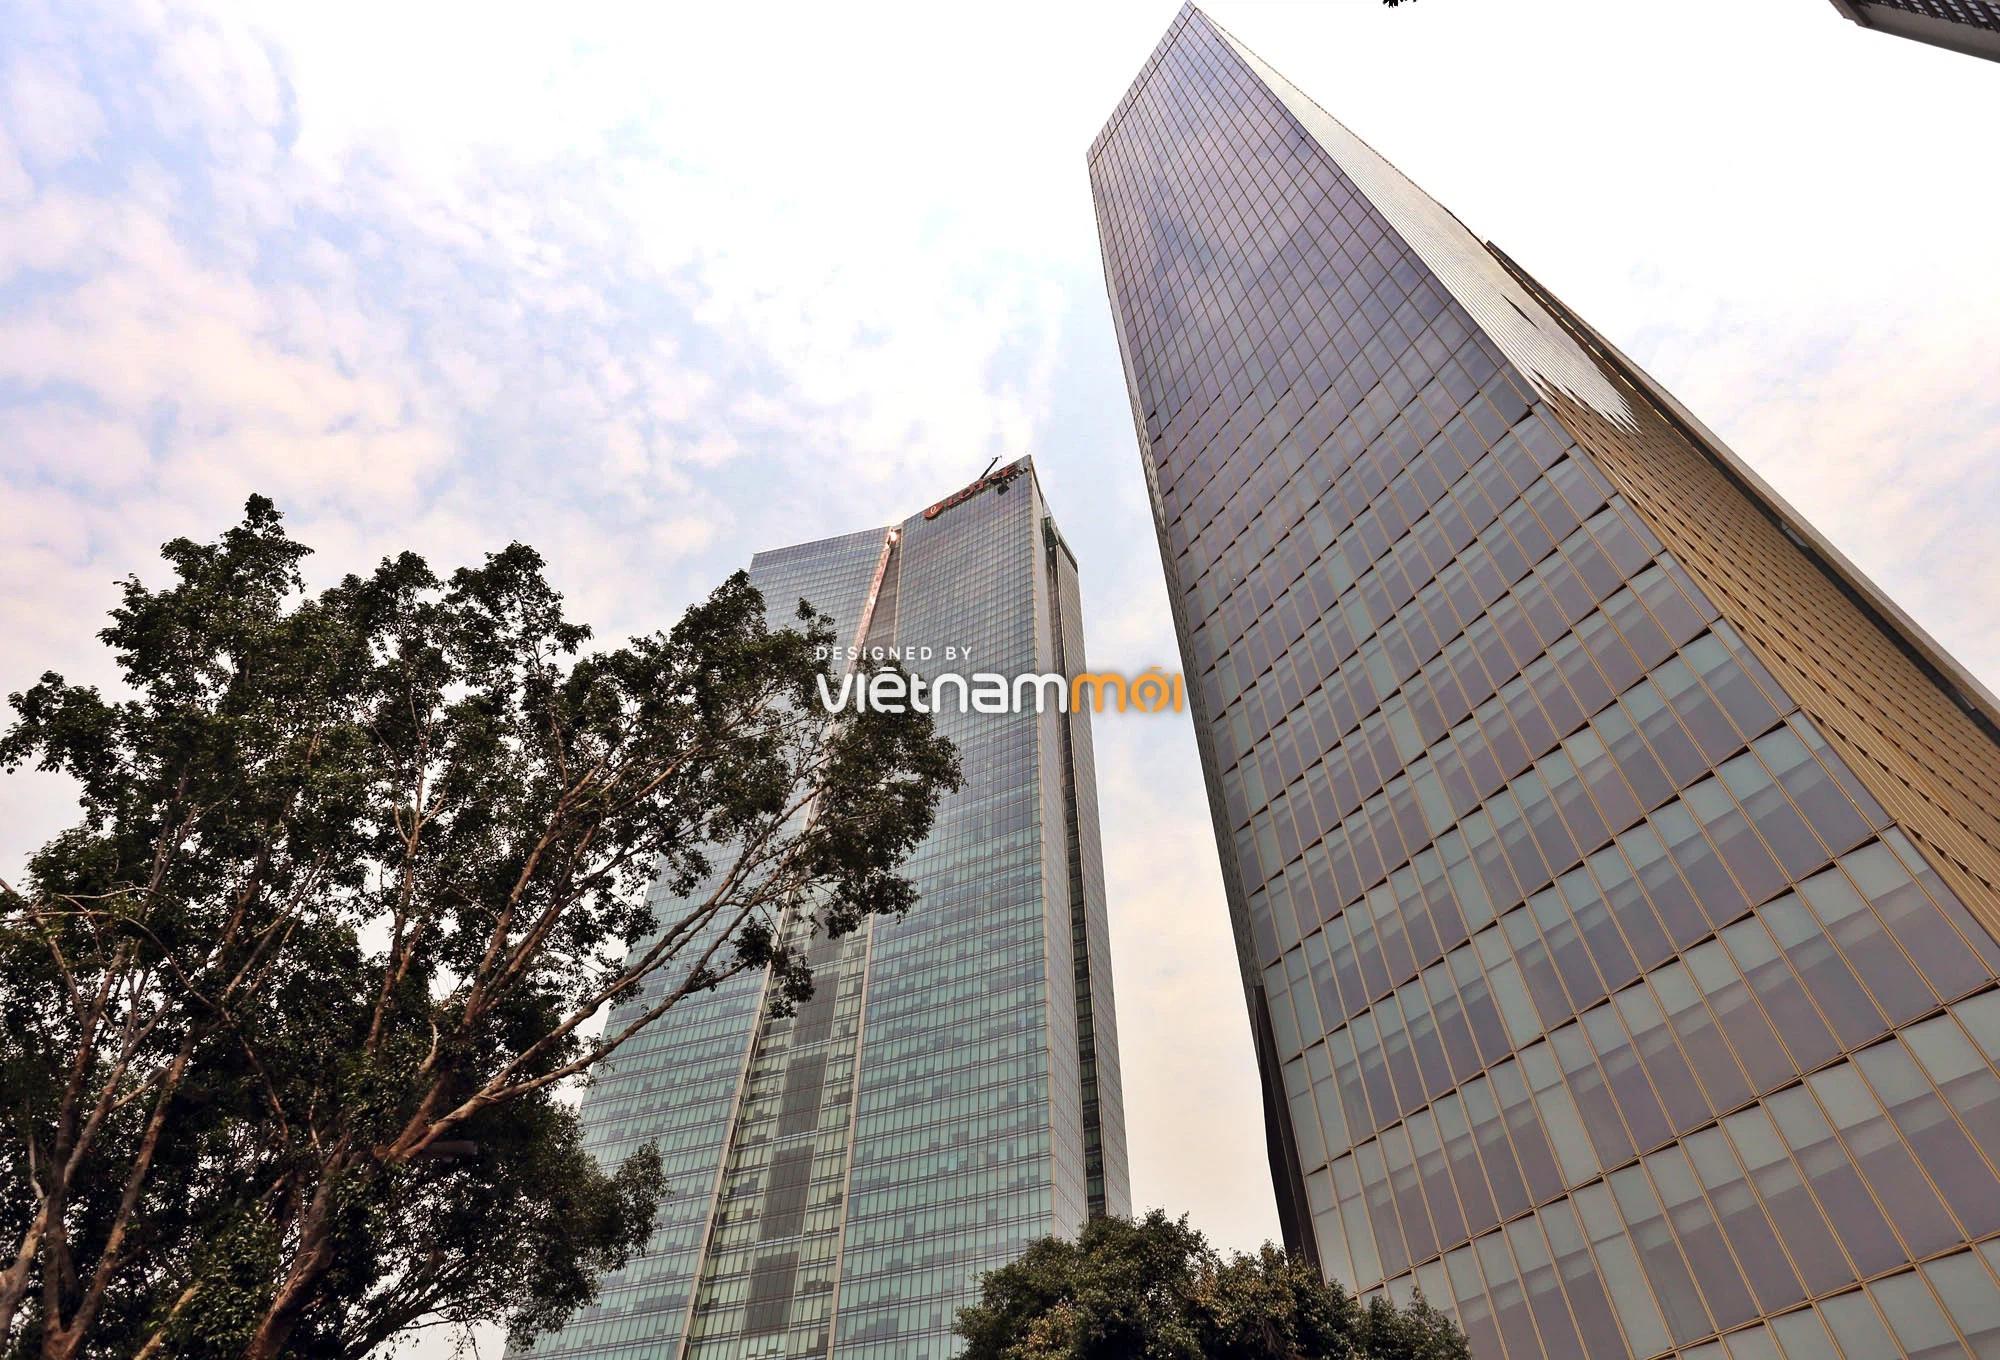 Cận cảnh tòa nhà duy nhất được xây trên 50 tầng ở vùng nội đô lịch sử - Ảnh 11.